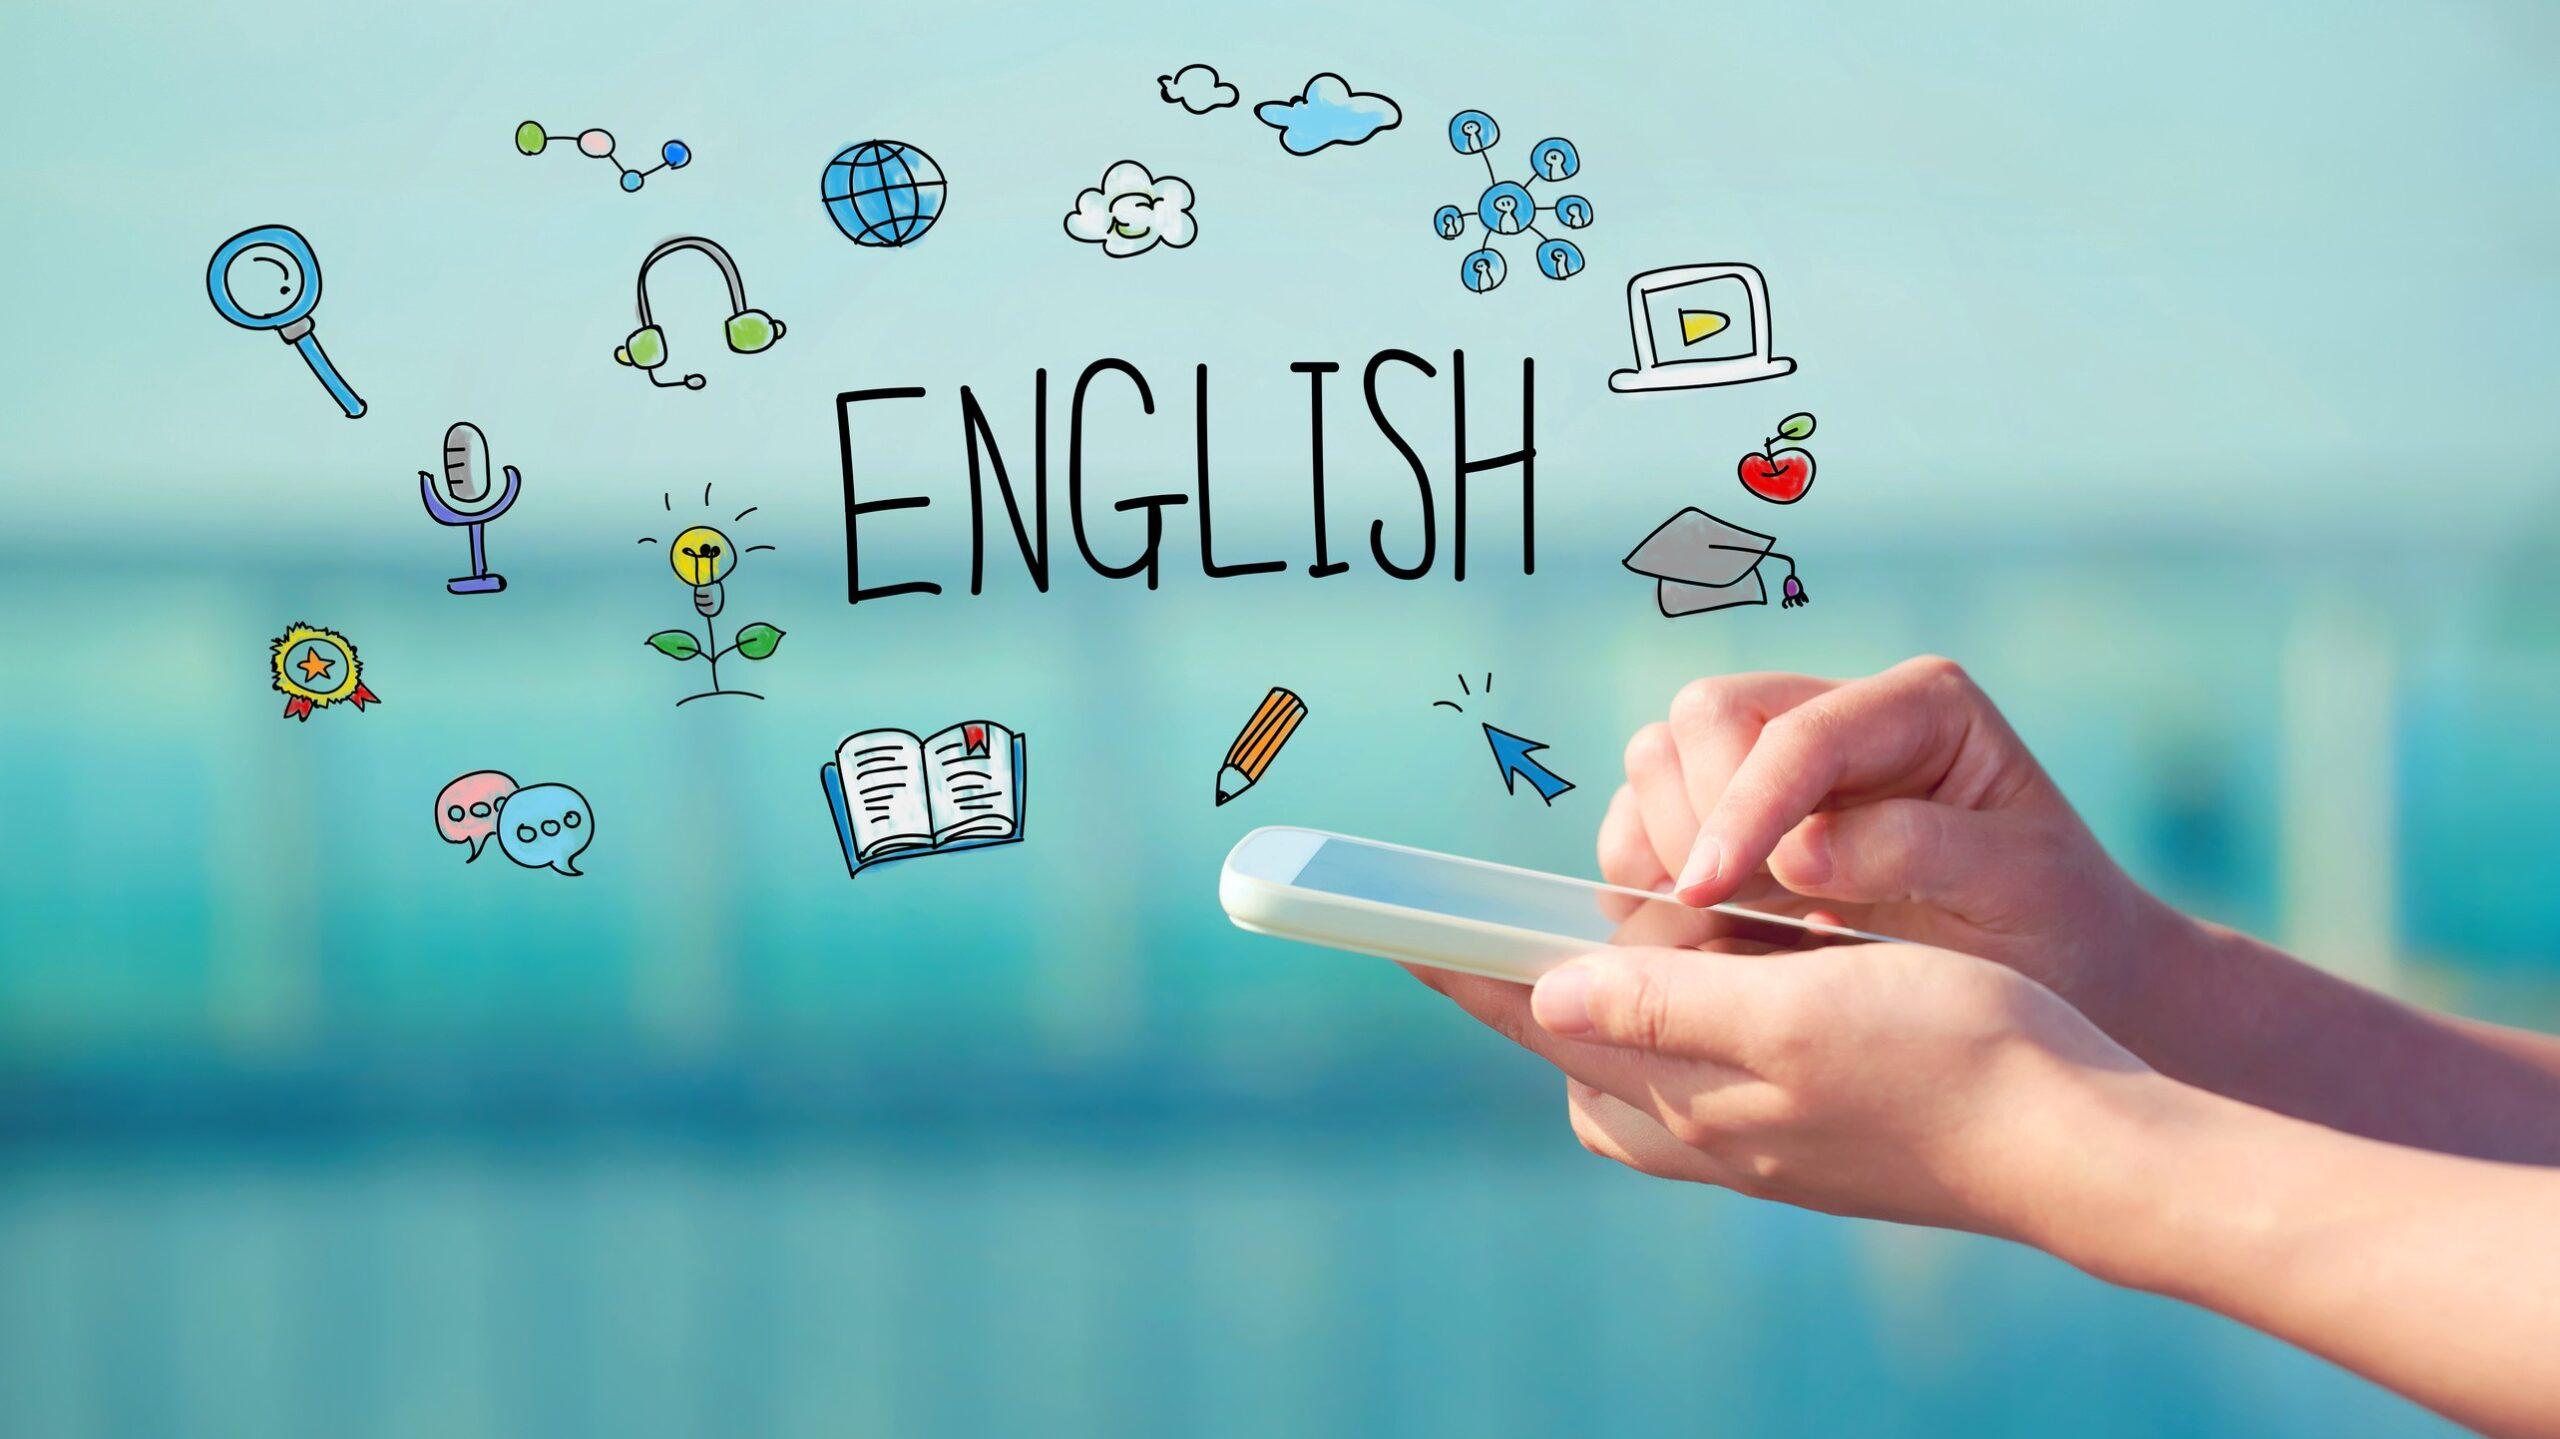 gia sư môn Tiếng Anh đặt ra những mục tiêu cụ thể học sinh cần đạt được